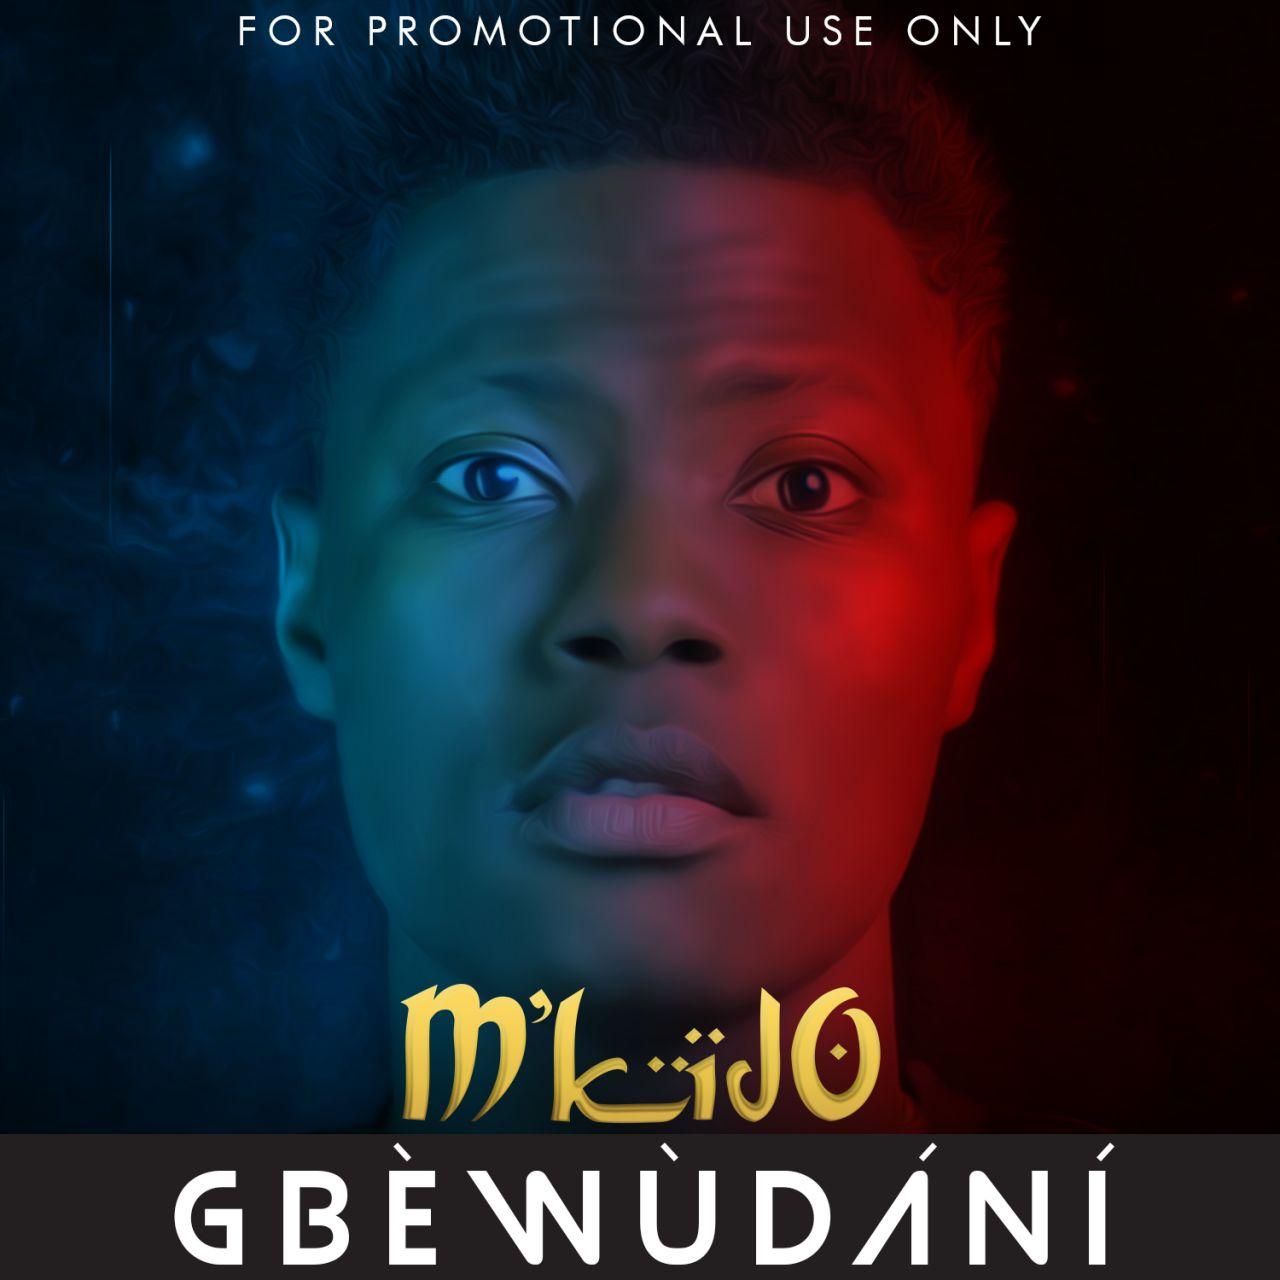 Mkido – Gbewudani